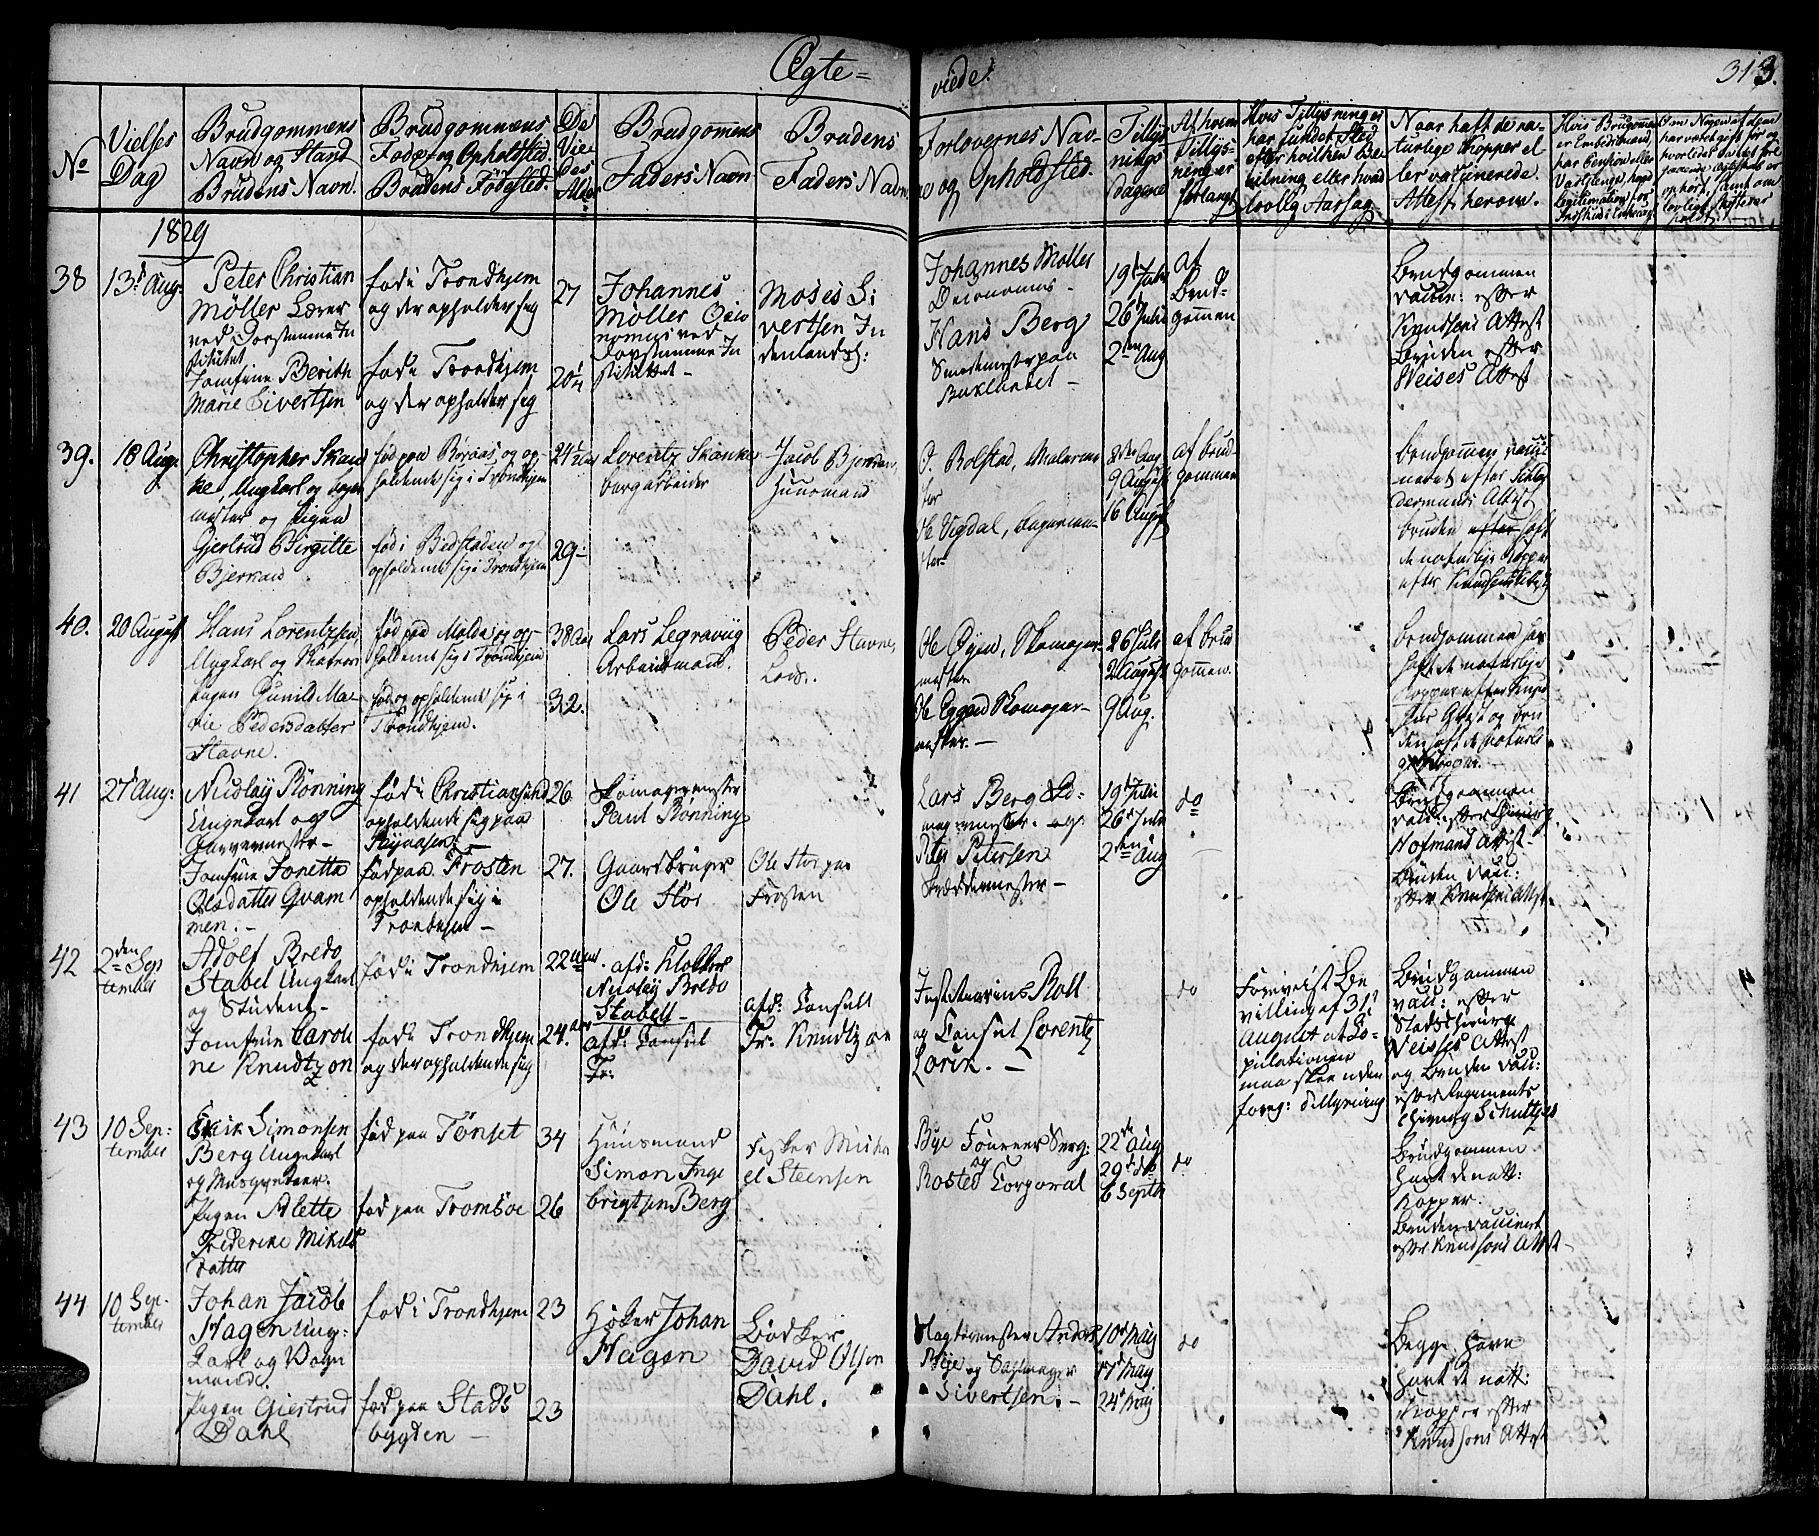 SAT, Ministerialprotokoller, klokkerbøker og fødselsregistre - Sør-Trøndelag, 601/L0045: Ministerialbok nr. 601A13, 1821-1831, s. 313